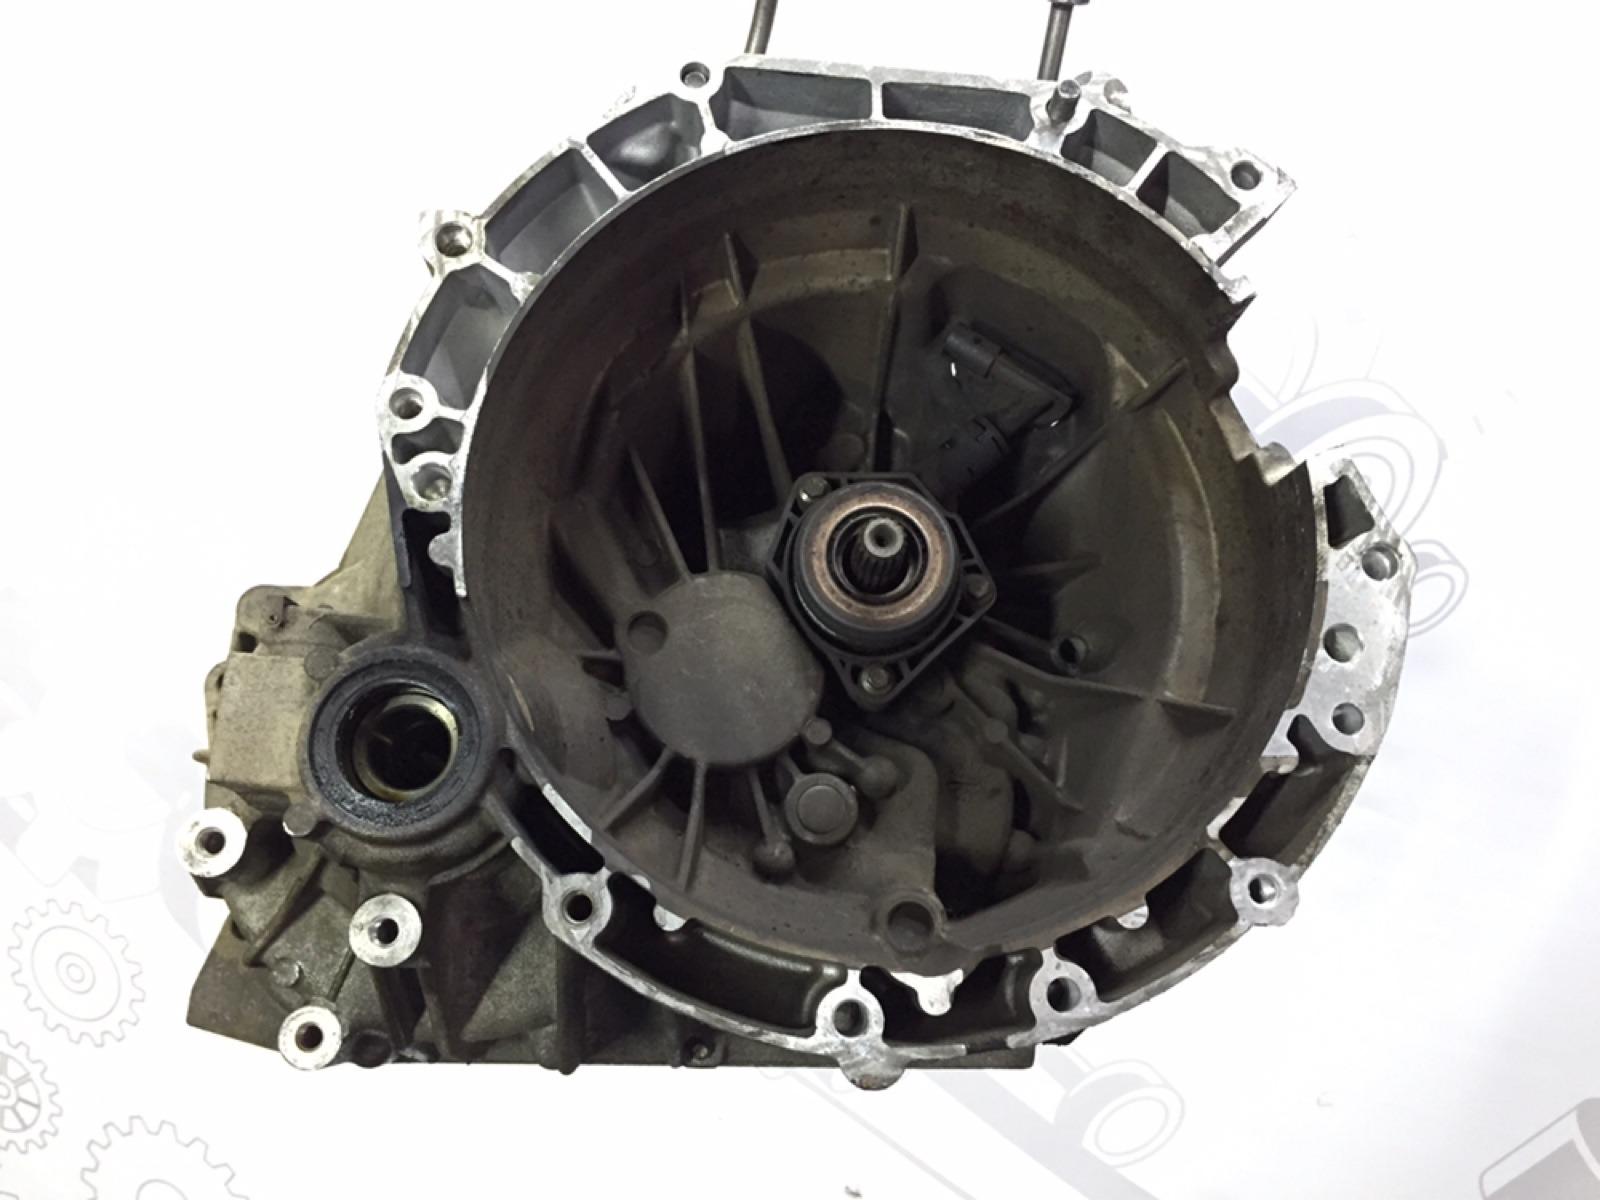 Кпп механическая (мкпп) Ford Focus 1.8 I 2007 (б/у)